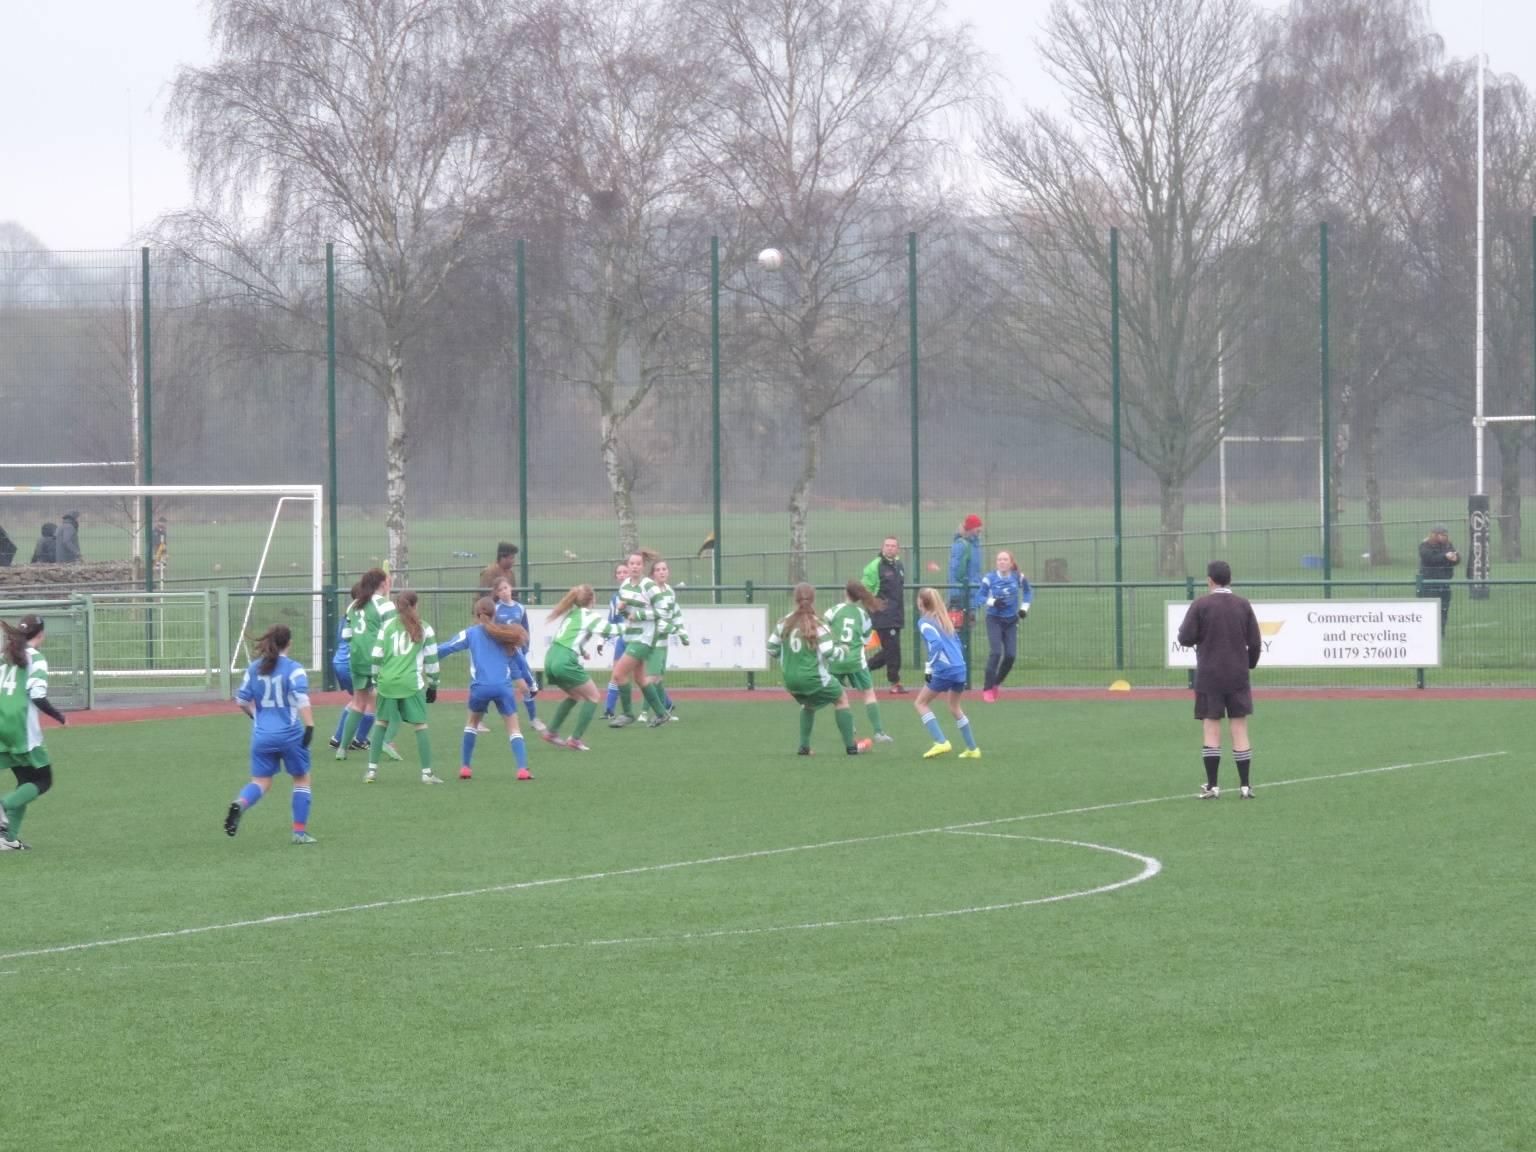 U15 Keynsham 3 – 1 BLU FC